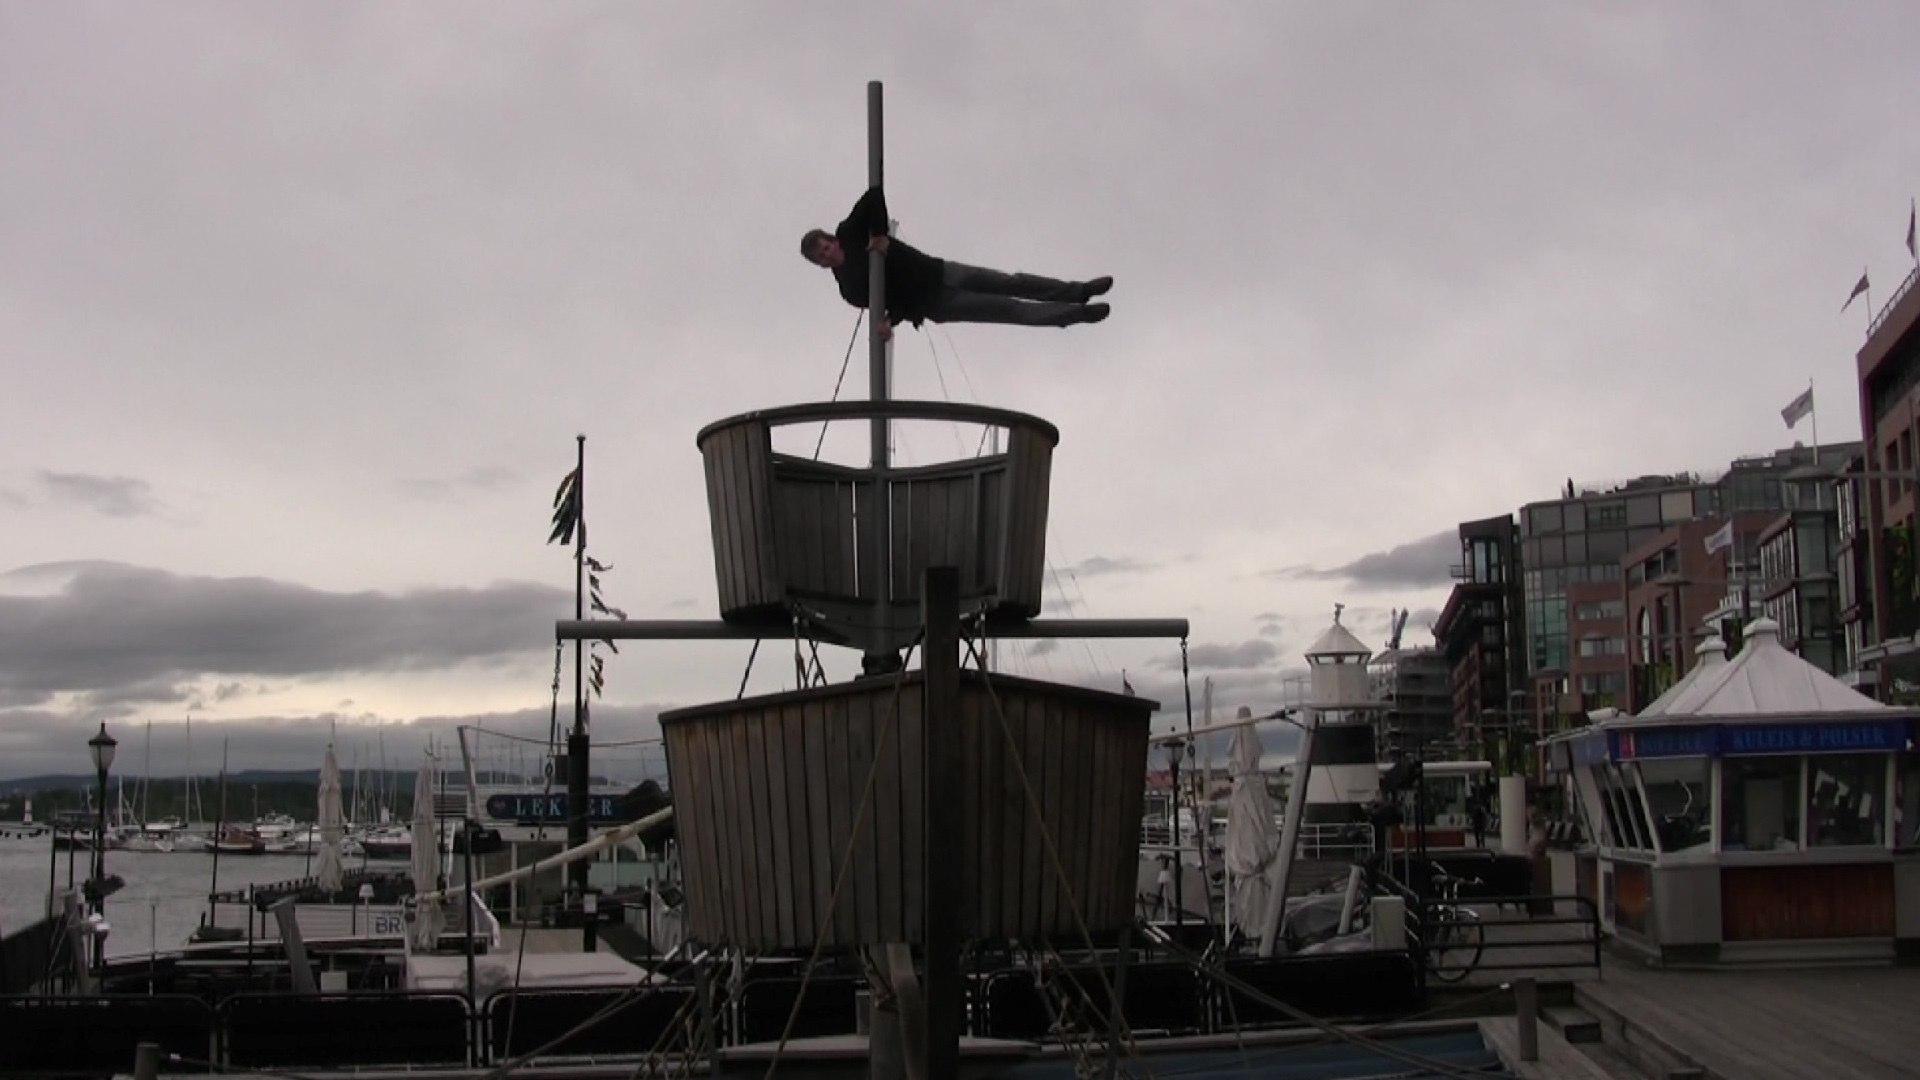 Oslo, Norway - Mast